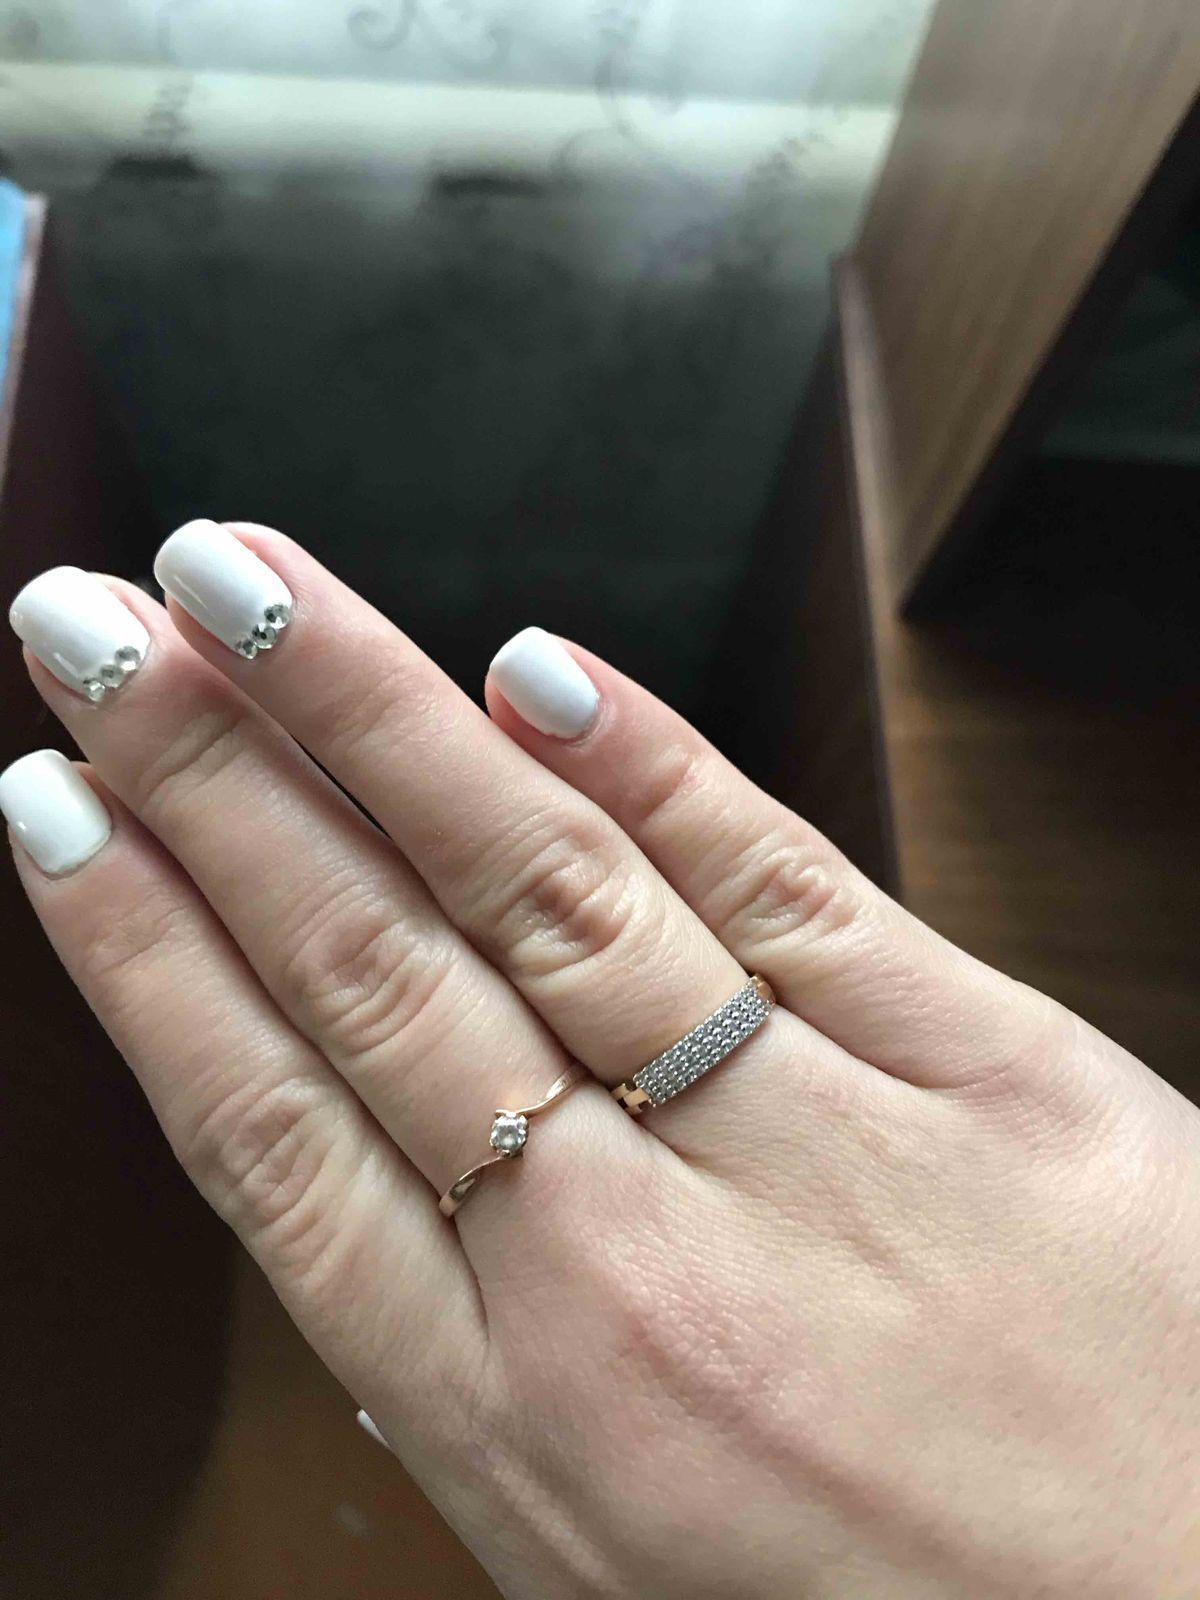 Муж выбрал и купил мне это кольцо на день рождение))очень нежно смотрится))